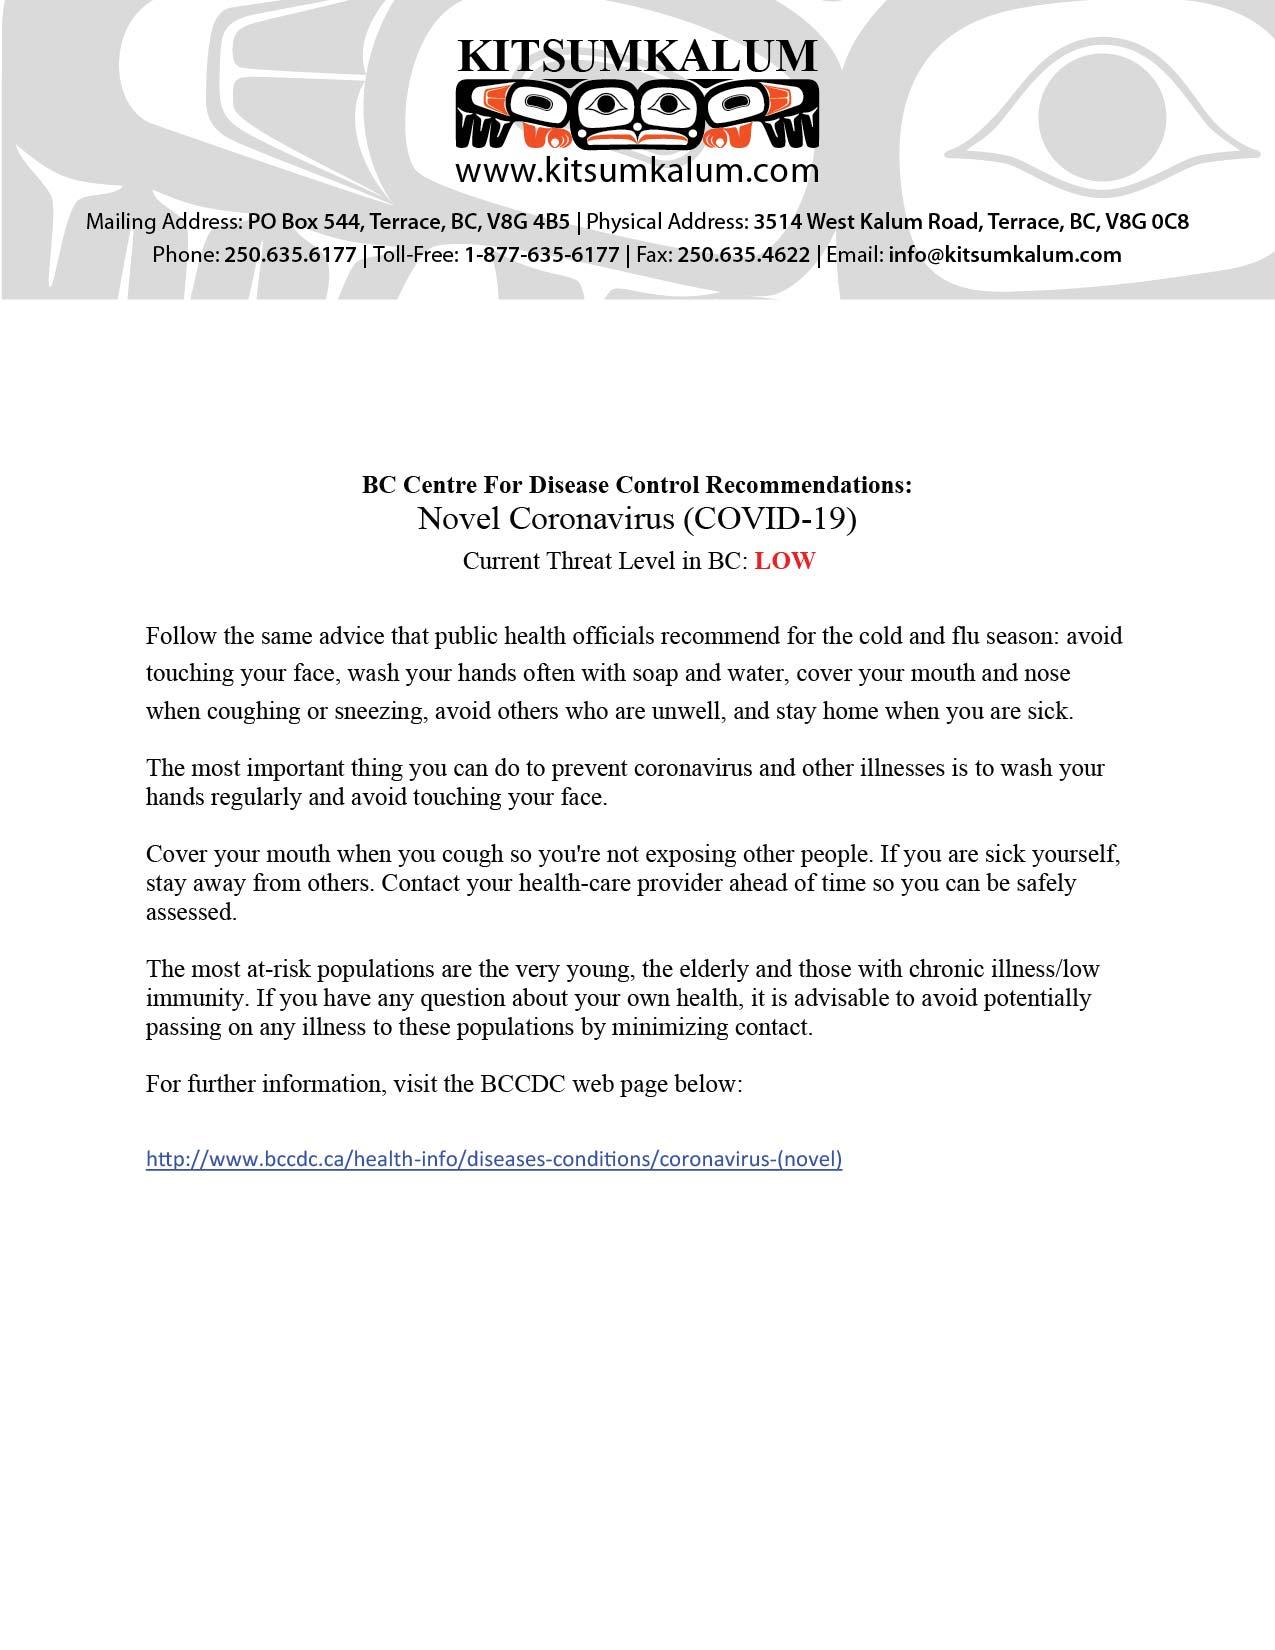 BCCDC Recommendations for Novel Coronavirus